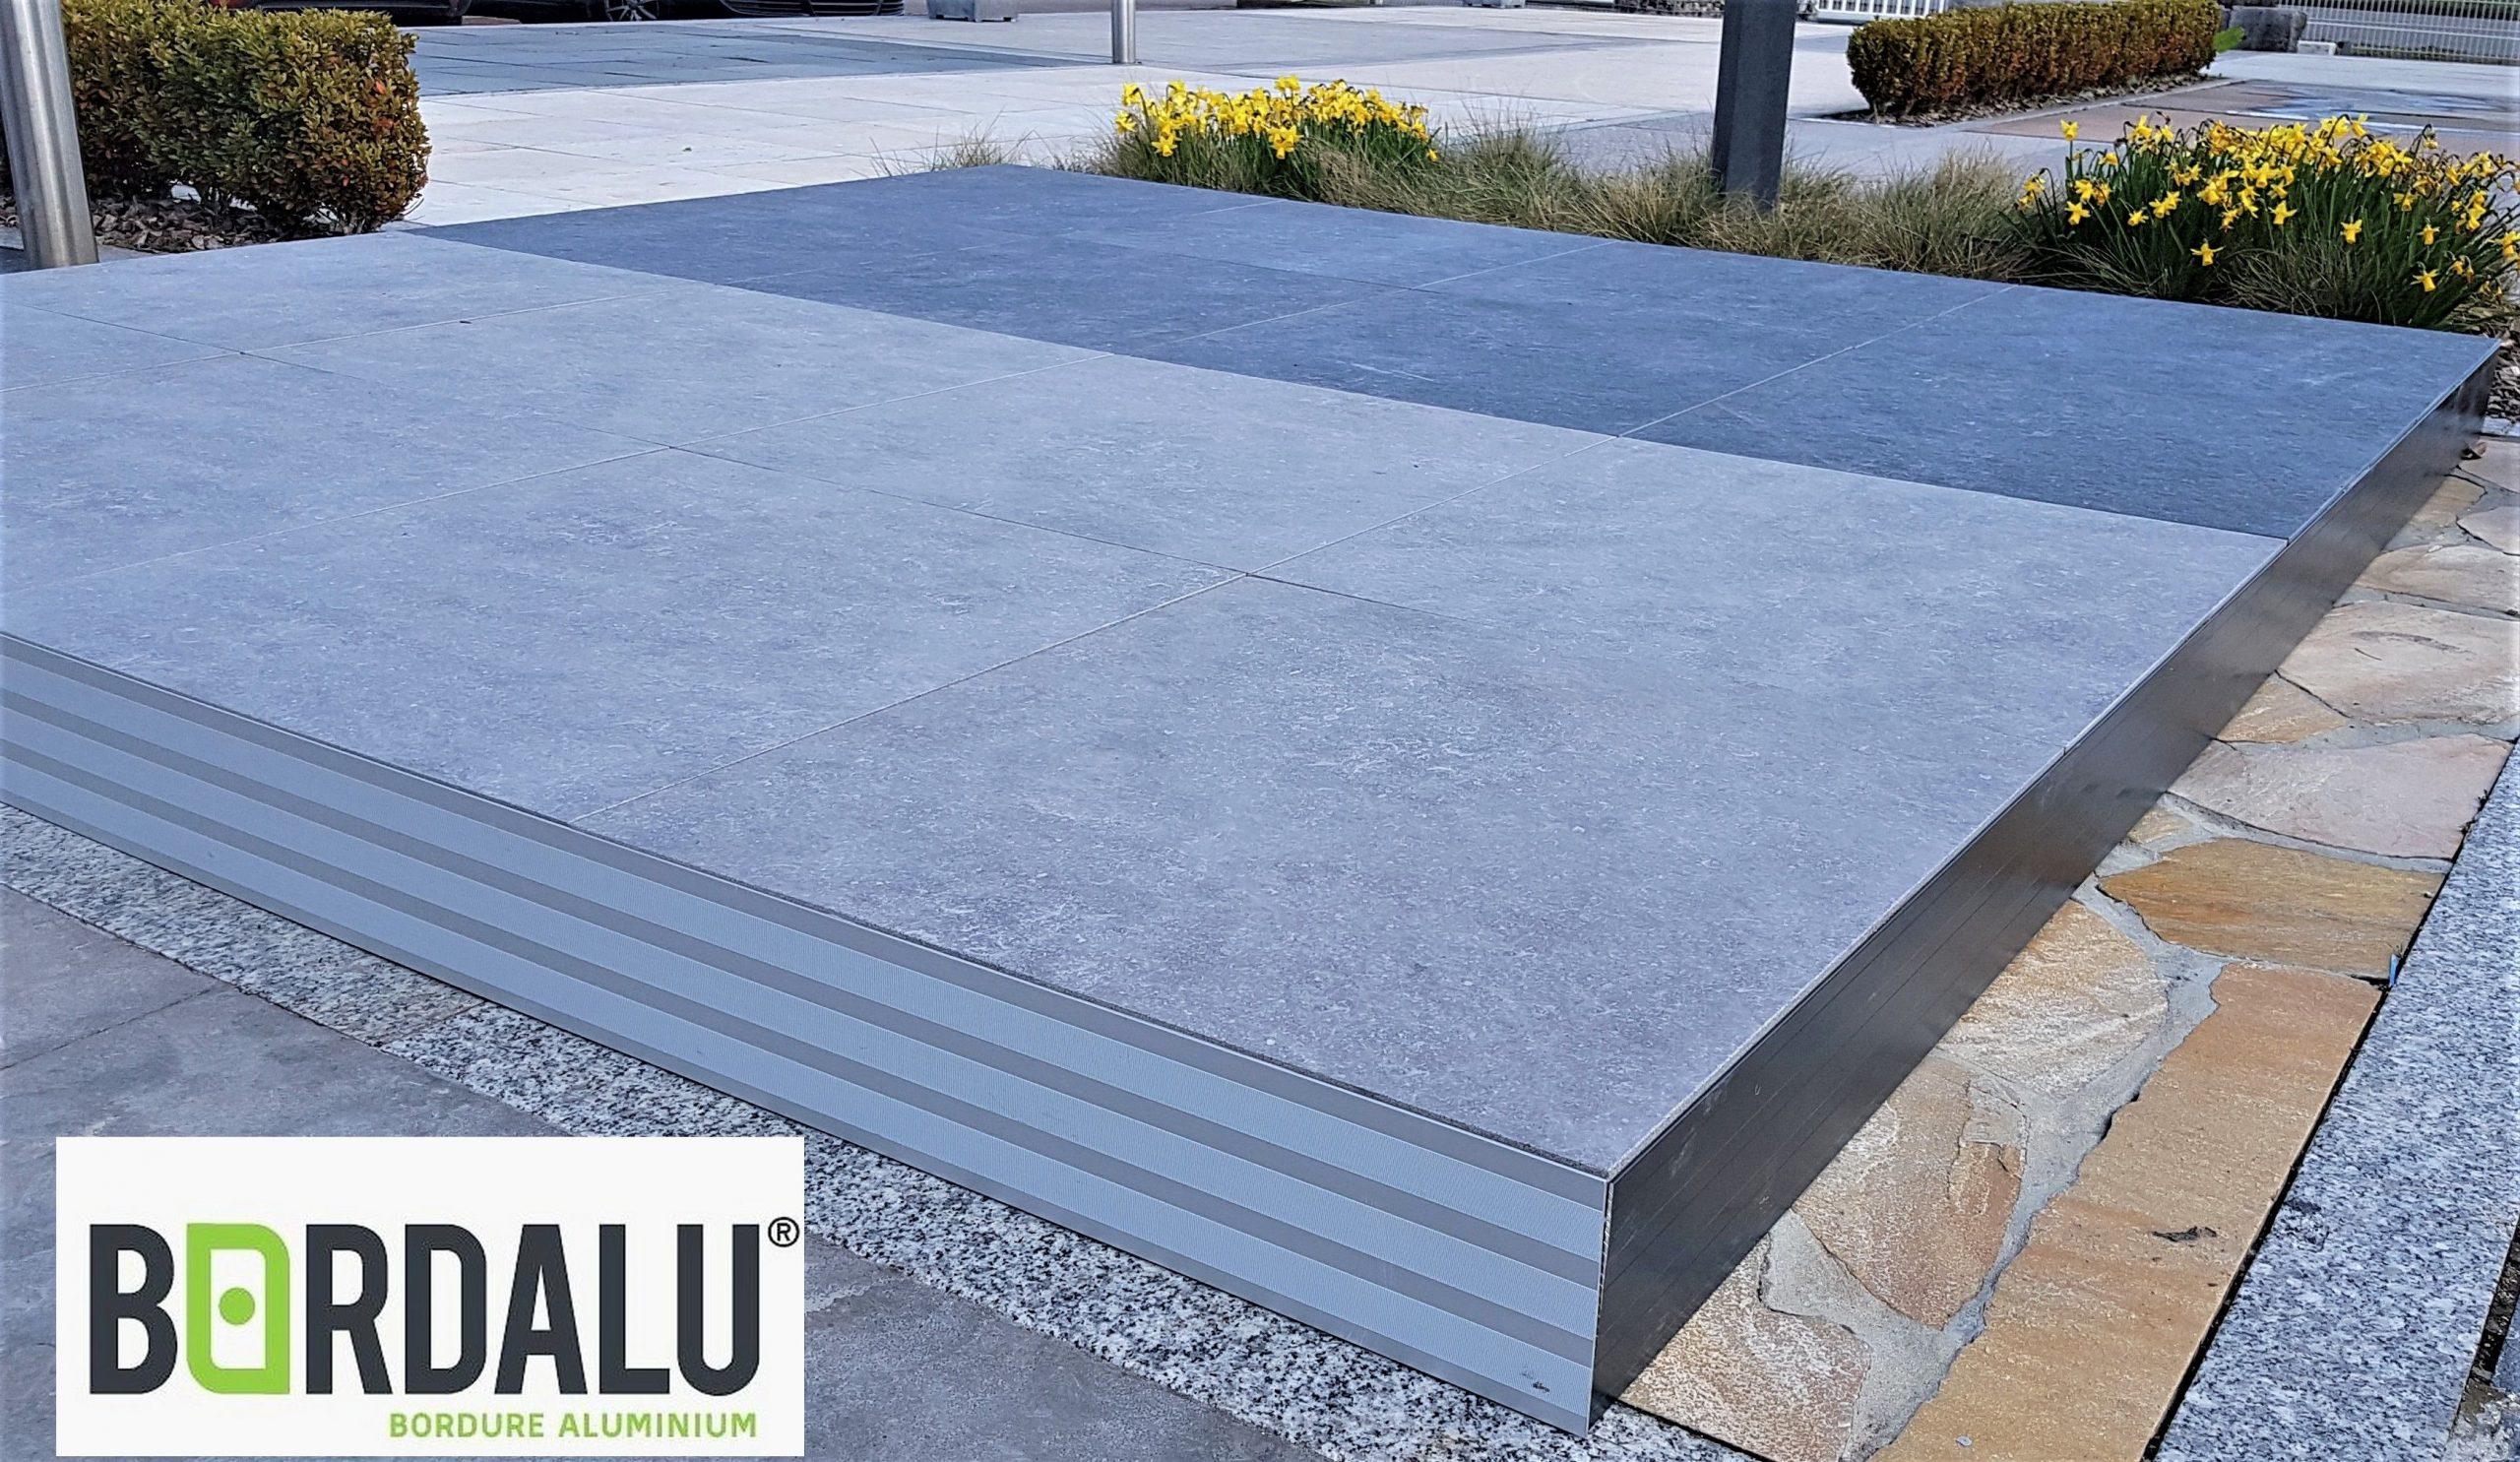 Profil Alu Pour Terrasse Sur Plots | Carrelage Ceramique ... avec Profil Alu Pour Terrasse Sur Plot